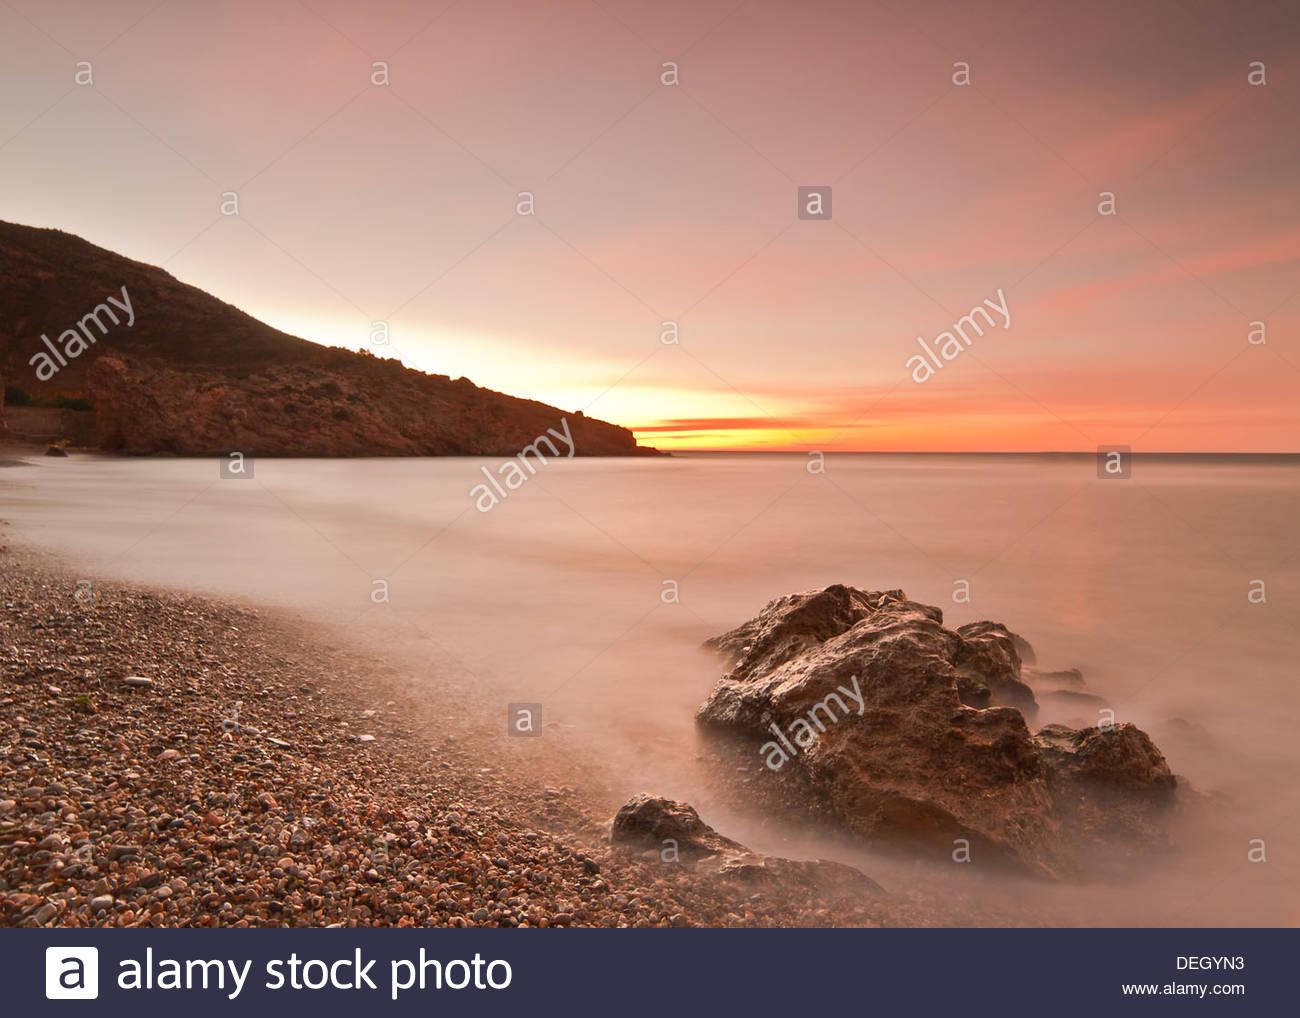 El paisaje, el Amanecer en el Portus, Cartagena, Murcia, España Imagen De Stock